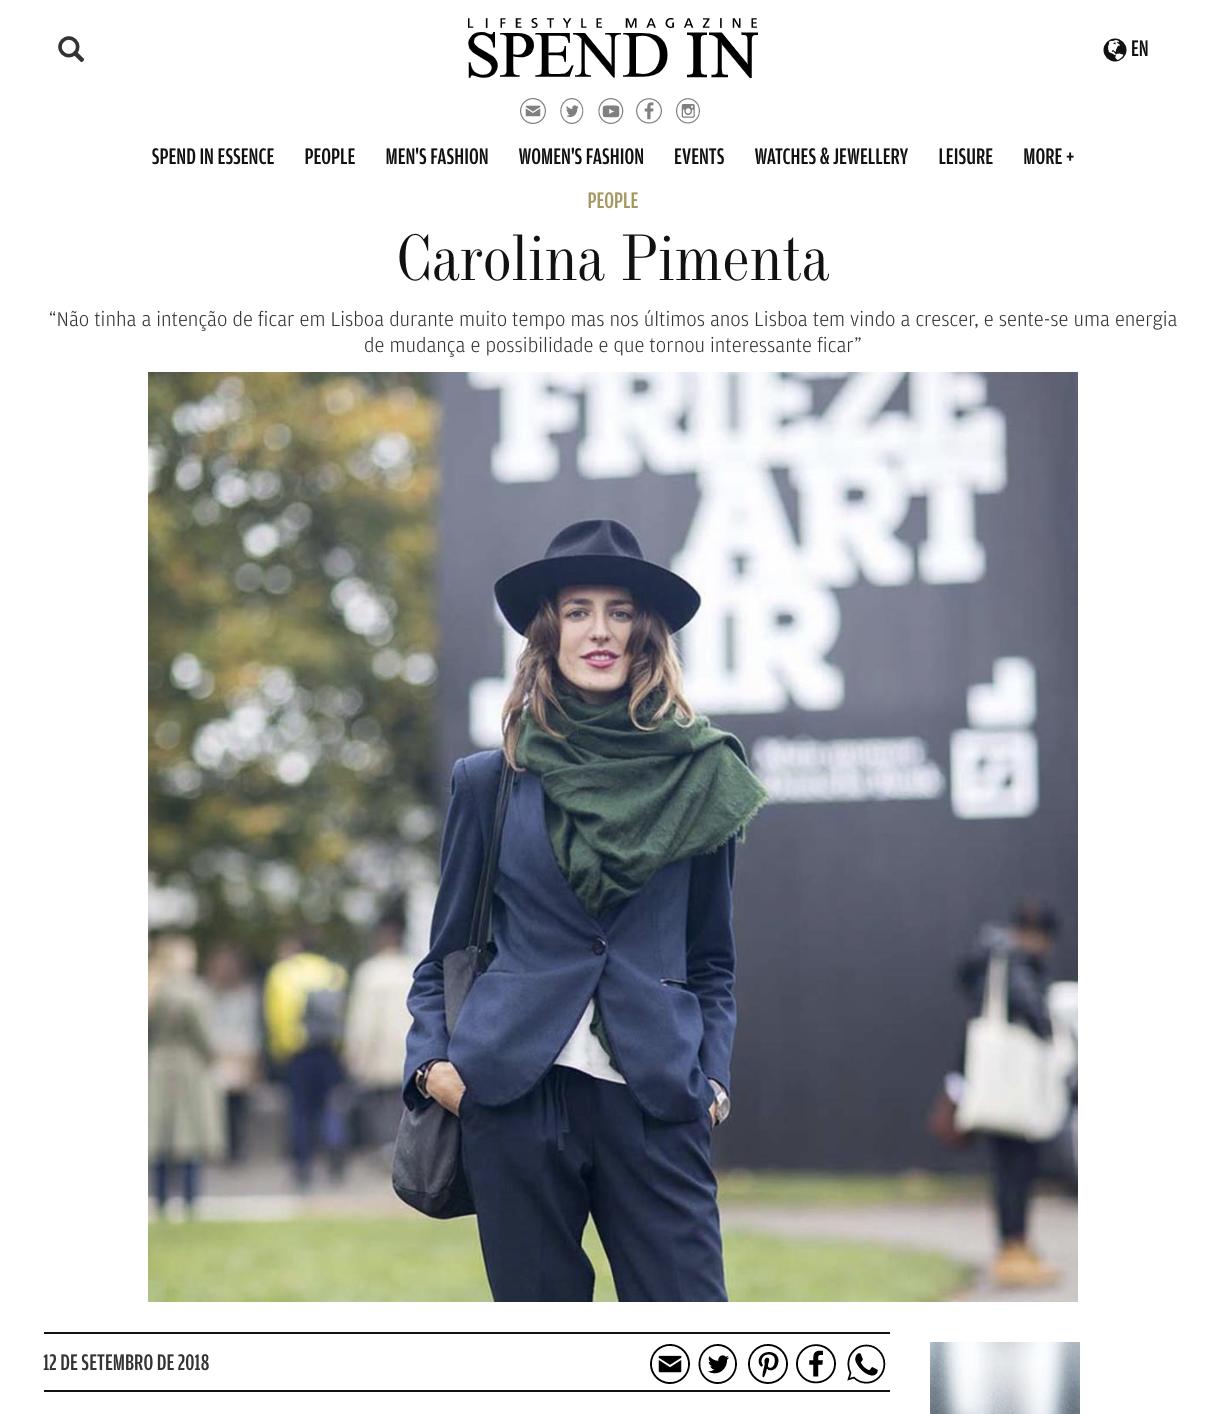 Carolina Pimenta,   Spend In , September 2018  Article in Spend In.com